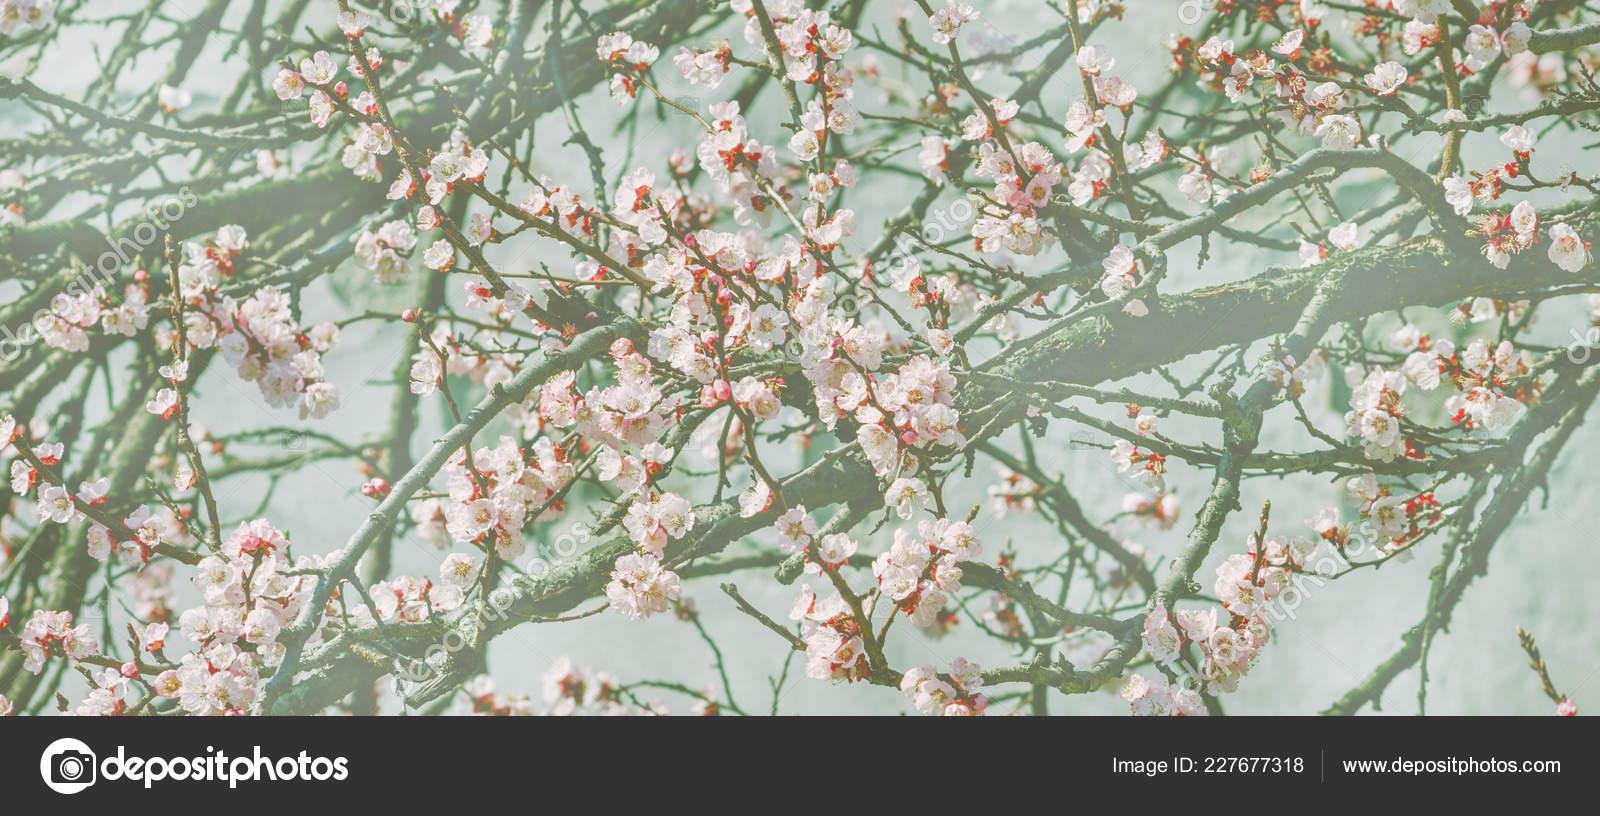 Fond Ecran Avec Branche Cerisier Fleurs Dans Jardin Japonais